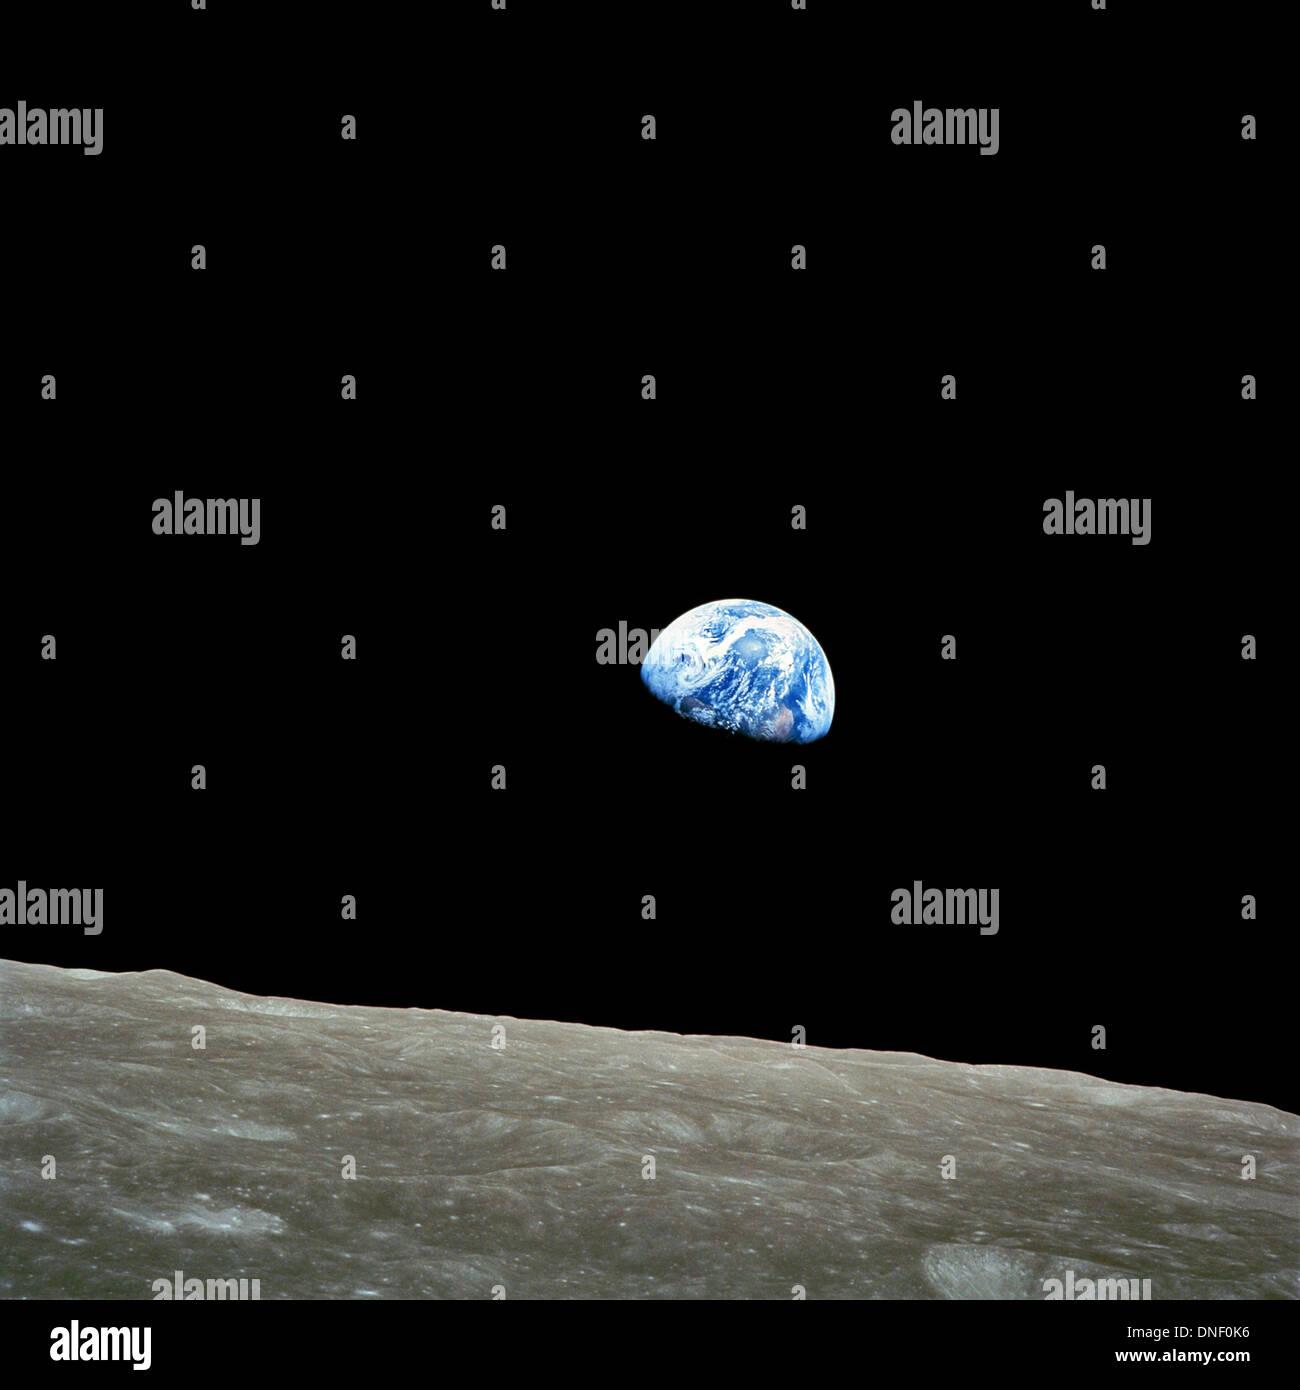 Vue de la terre avec l'horizon lunaire prise par l'astronaute Apollo 8 William Anders comme le module de commande arrondi la face cachée de la lune le 24 décembre 1968. L'image appelée Earthrise était la première image de la Terre à partir de l'espace profond et célèbre 45 ans au 24 décembre 2013. Photo Stock